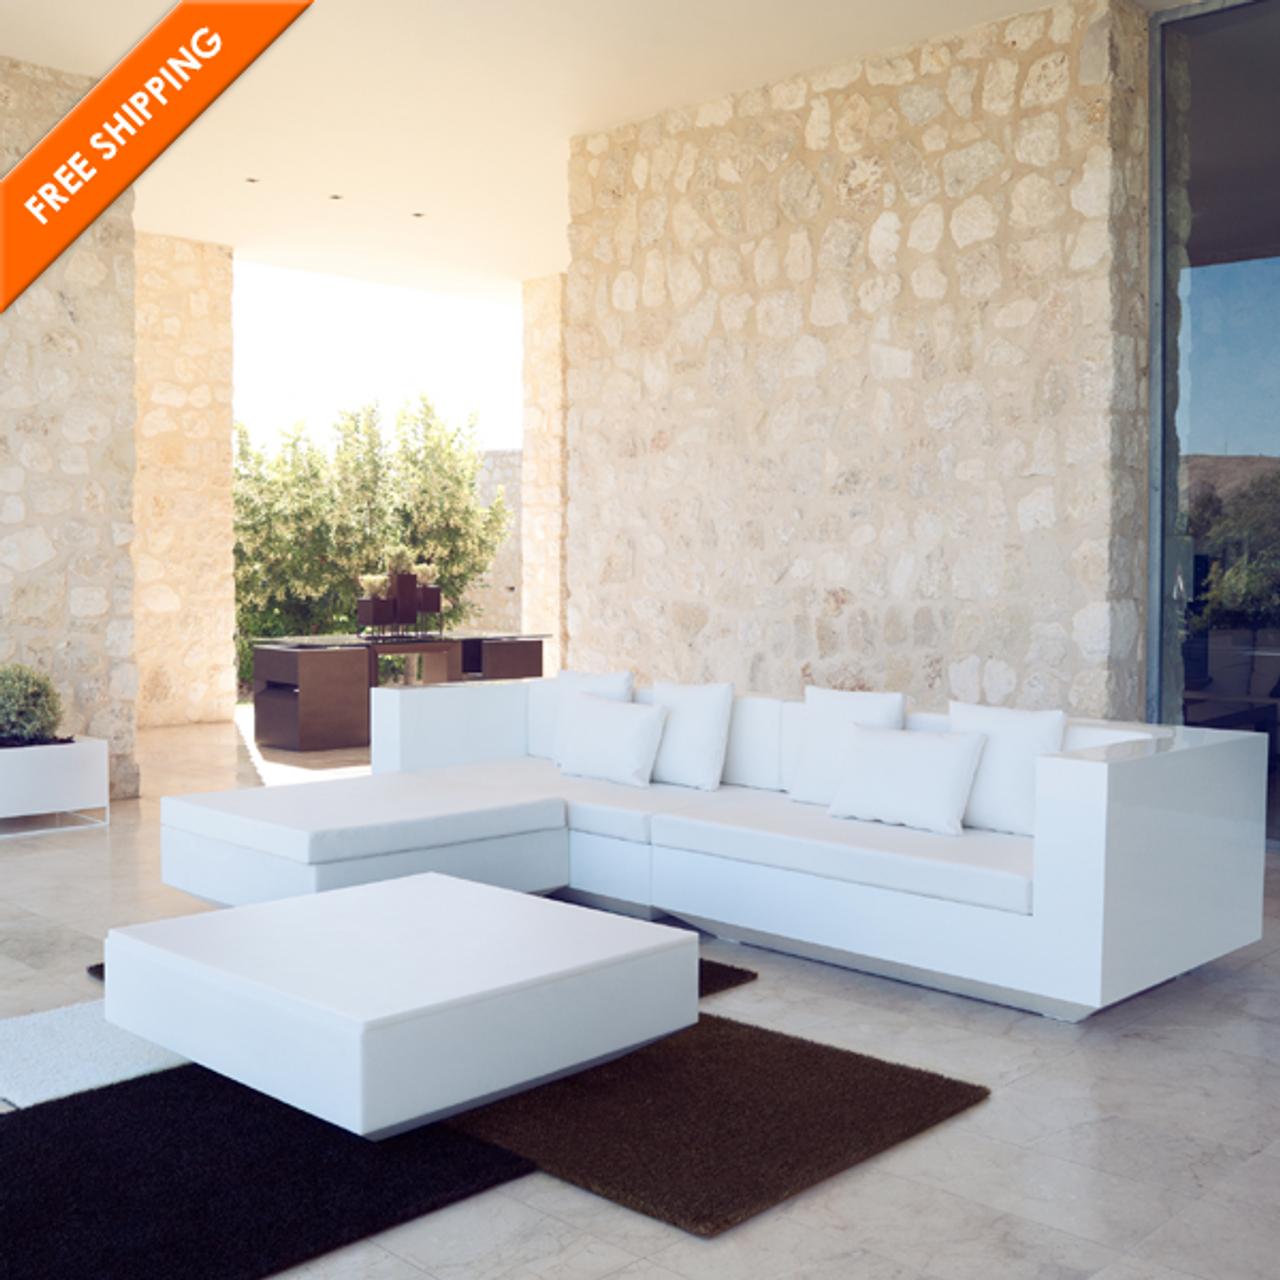 Vondom Vela Resin Sectional Sofa Chaise Lounge